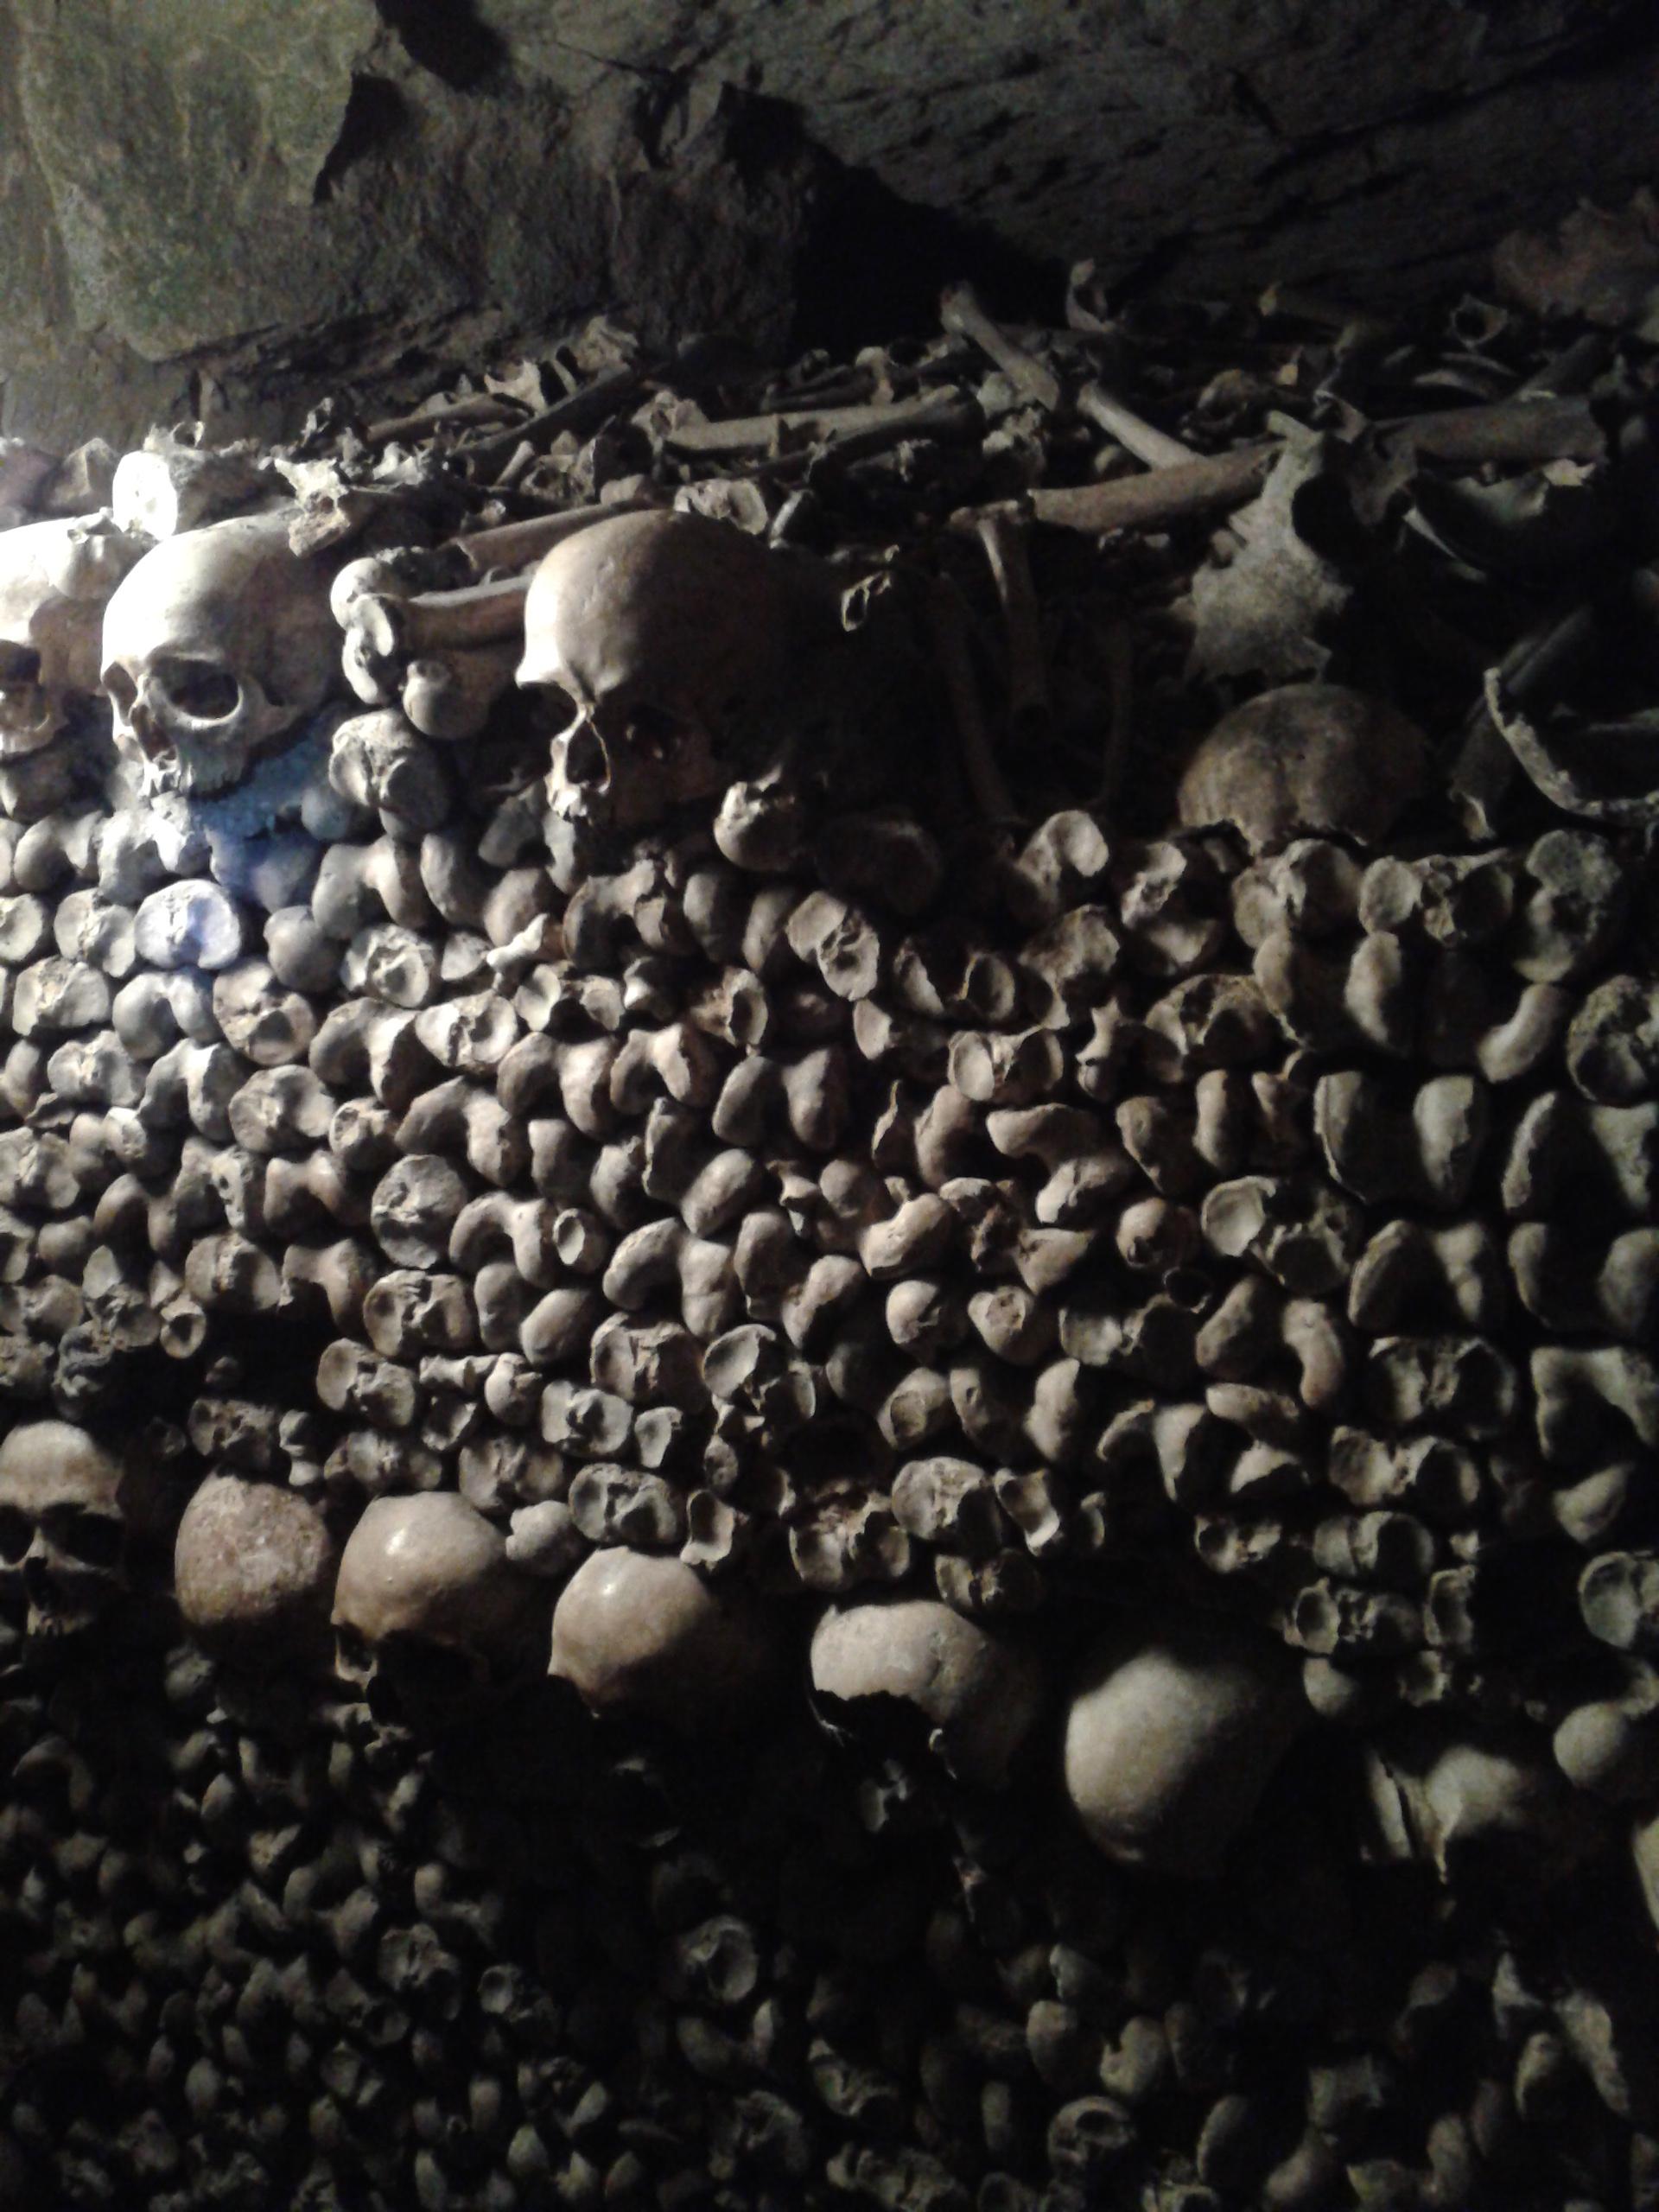 rows n rows of bones!